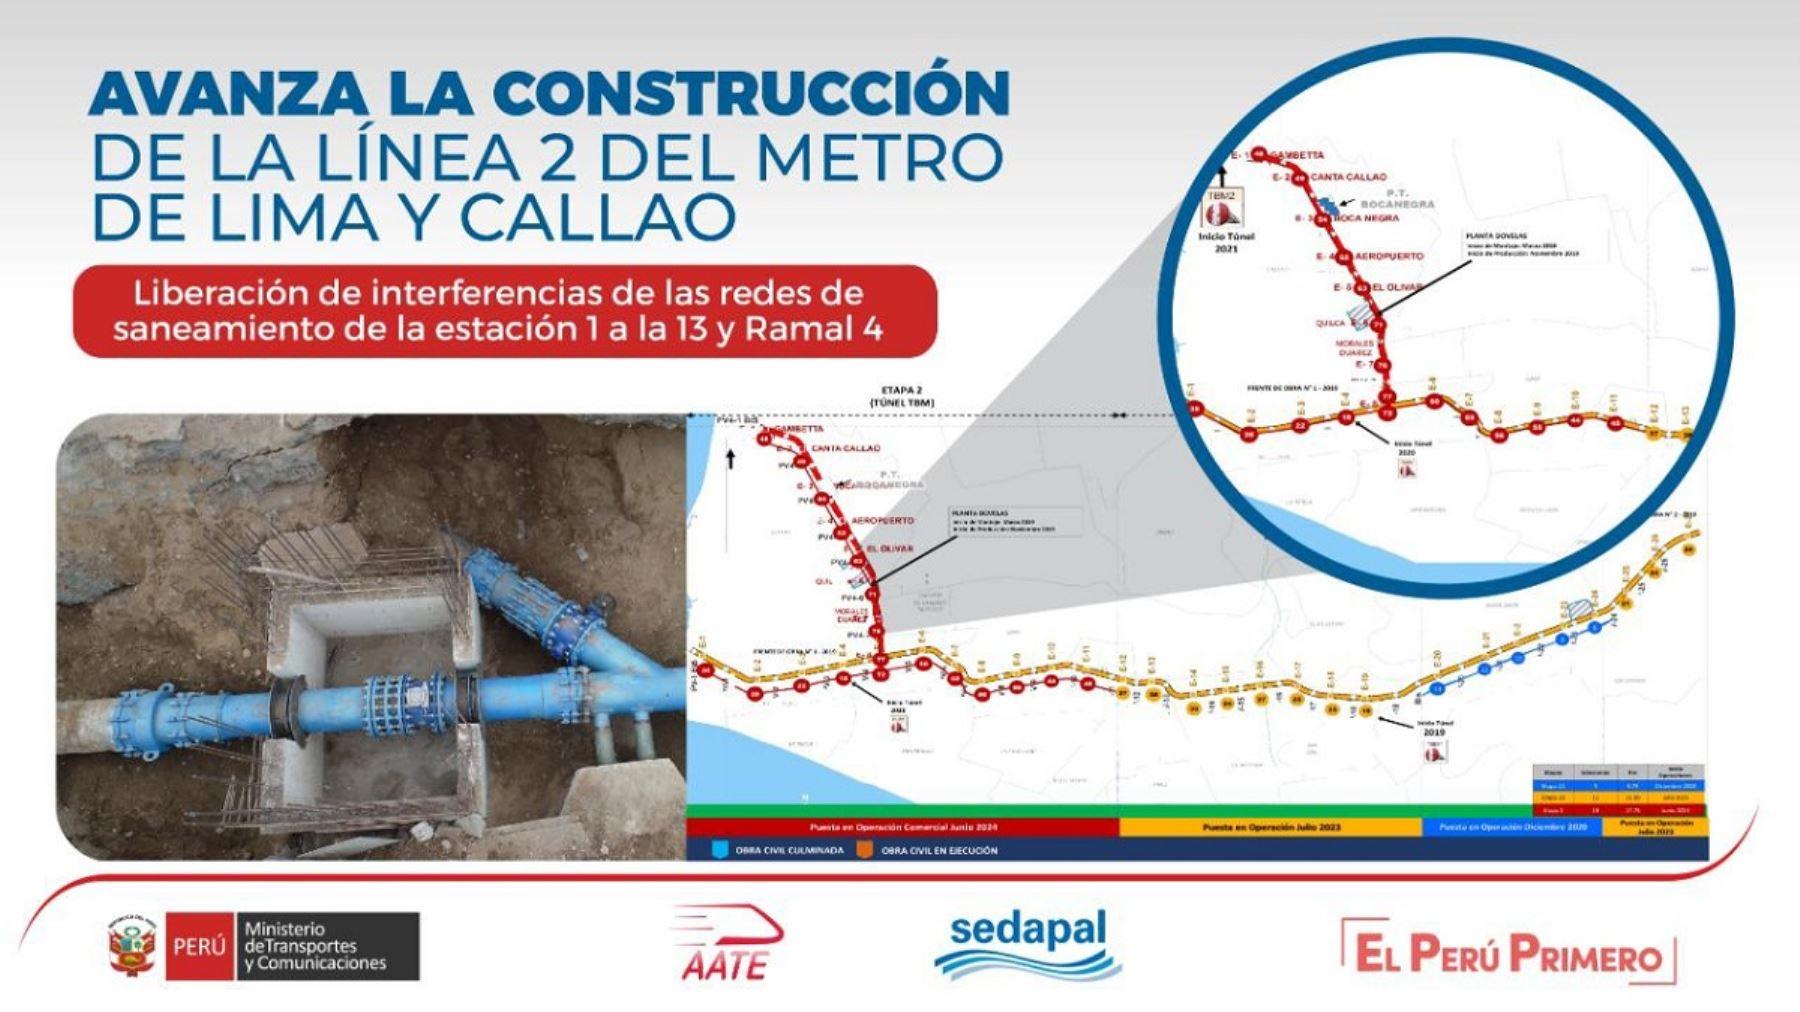 Agilizarán obras de saneamiento en los alrededores del metro de Lima y Callao gracias a convenio con Sedapal.